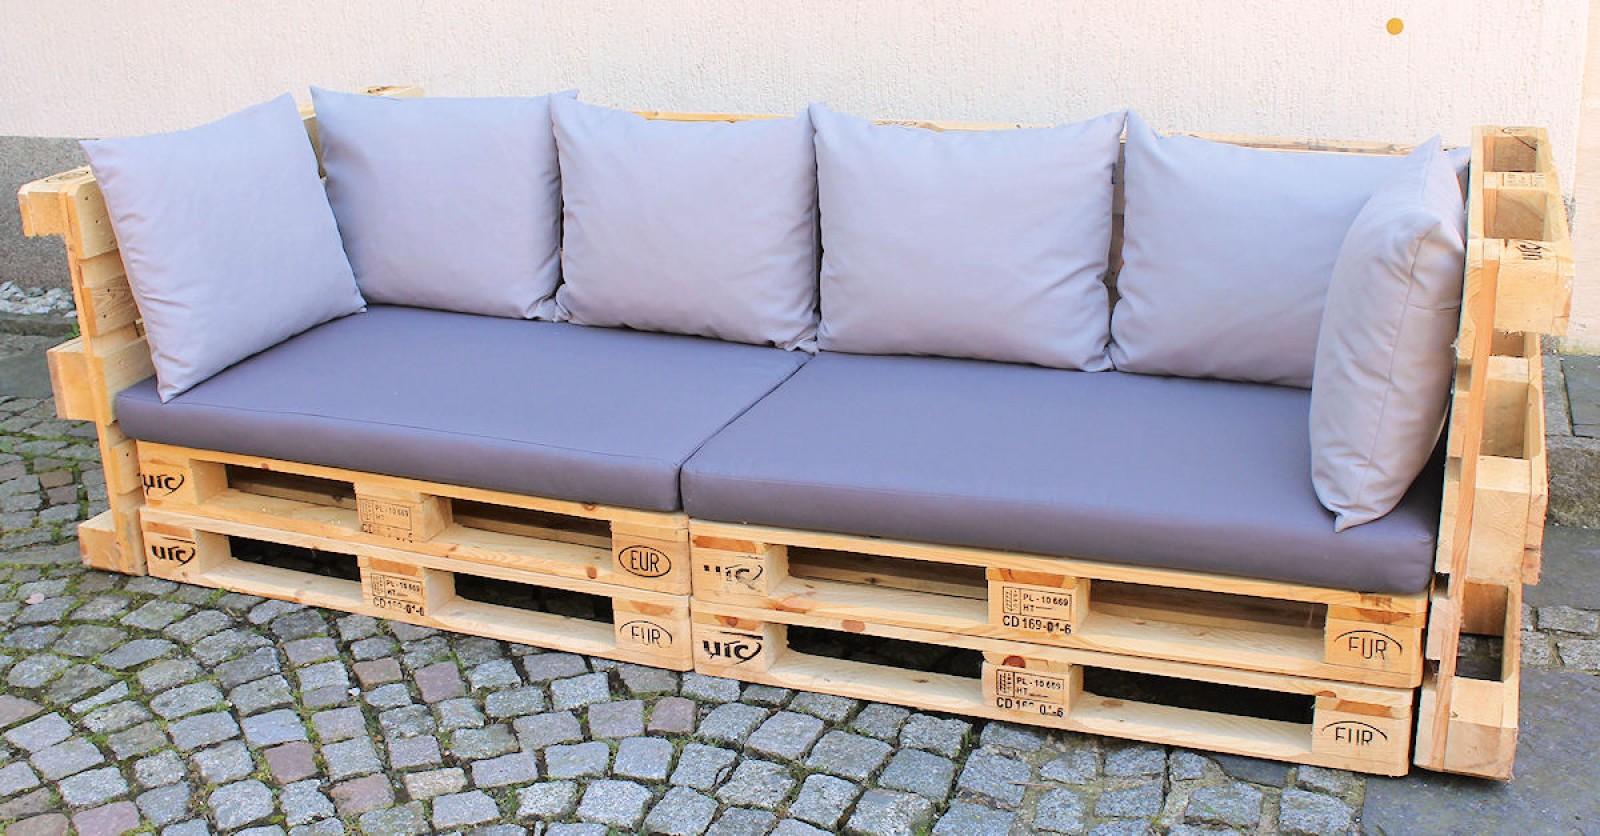 polster f r palettensofa europalette palettenpolster palettenkissen set 8. Black Bedroom Furniture Sets. Home Design Ideas